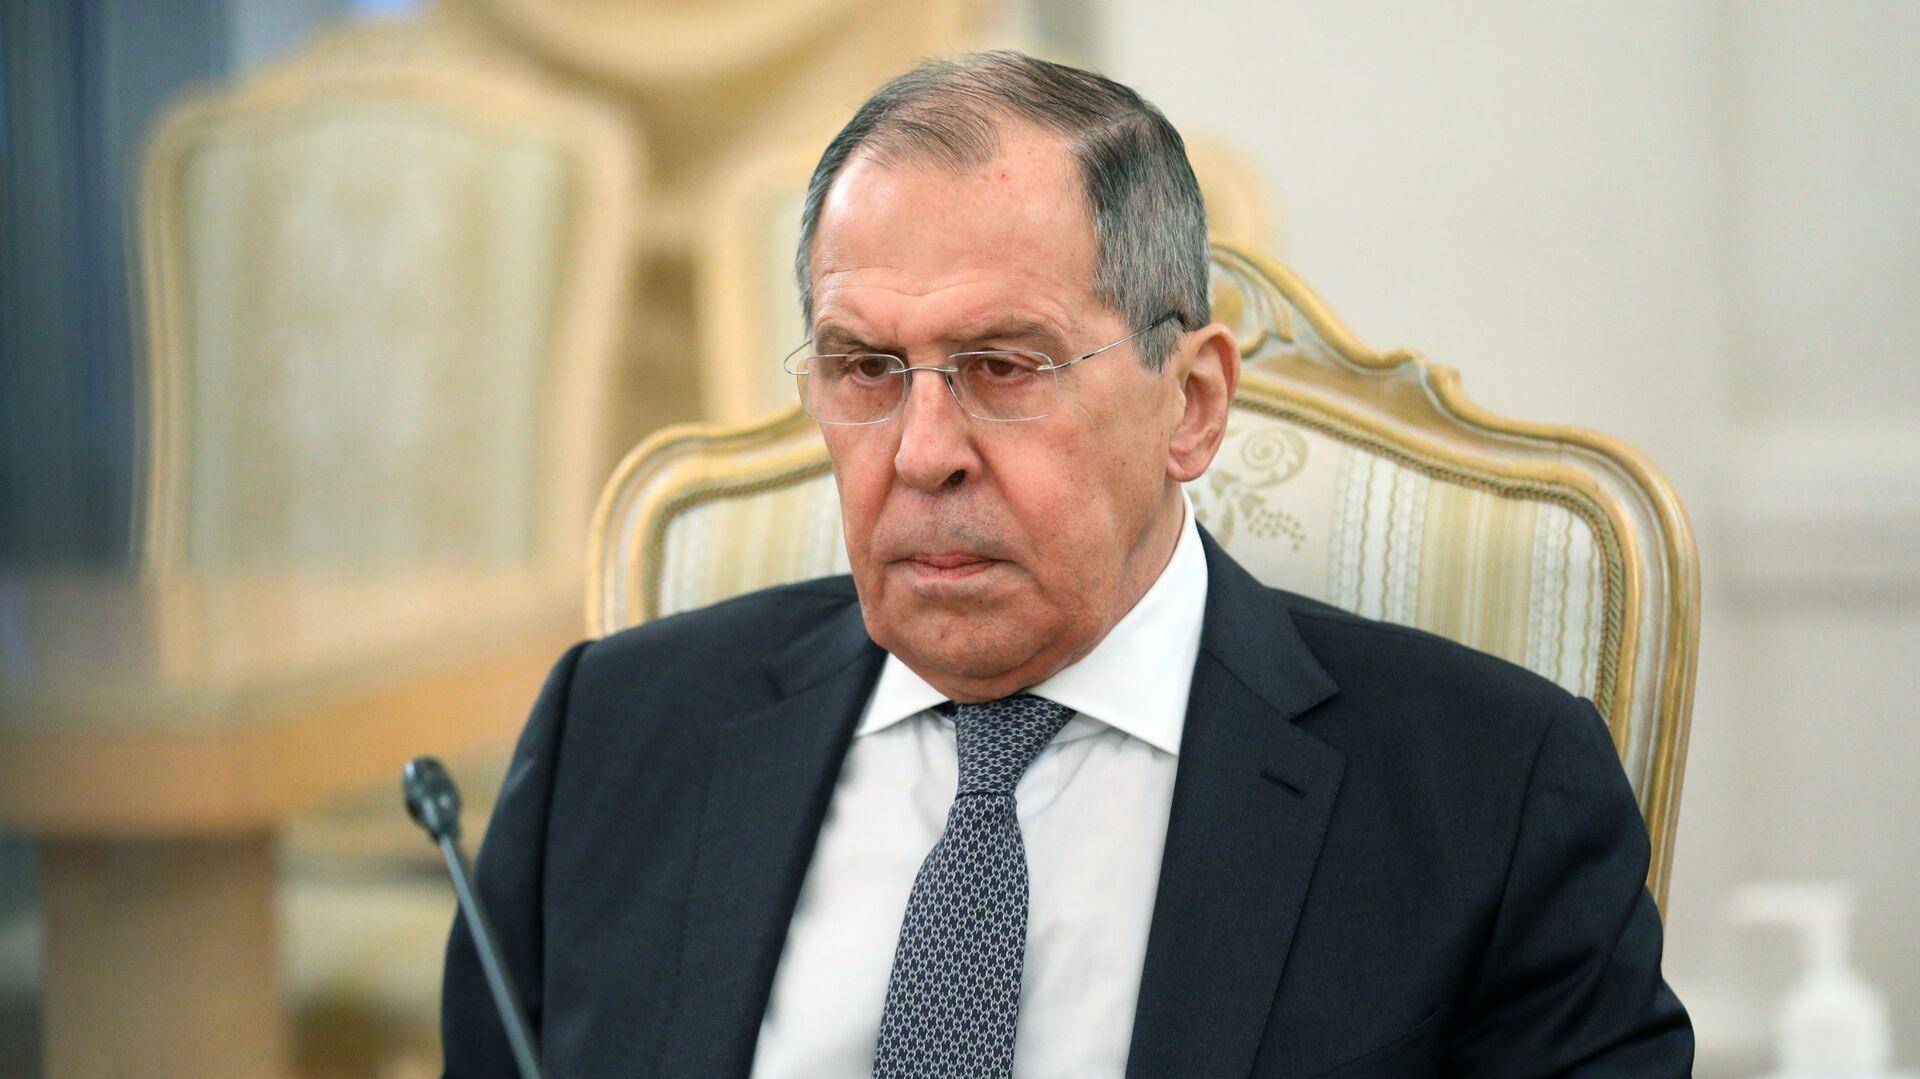 Лавров о могућим новима санкцијама САД: Недвосмислено ћемо одговорити - Sputnik Србија, 1920, 02.10.2021